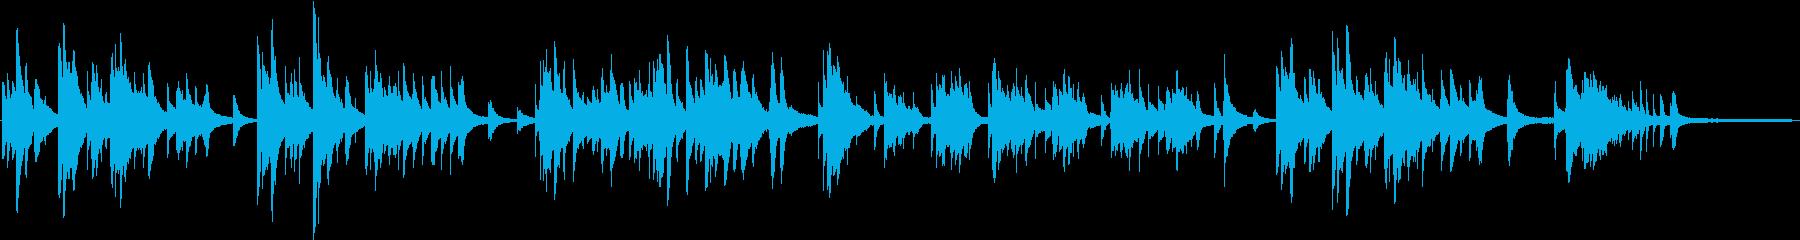 想い出に耽るようなピアノバラードの再生済みの波形